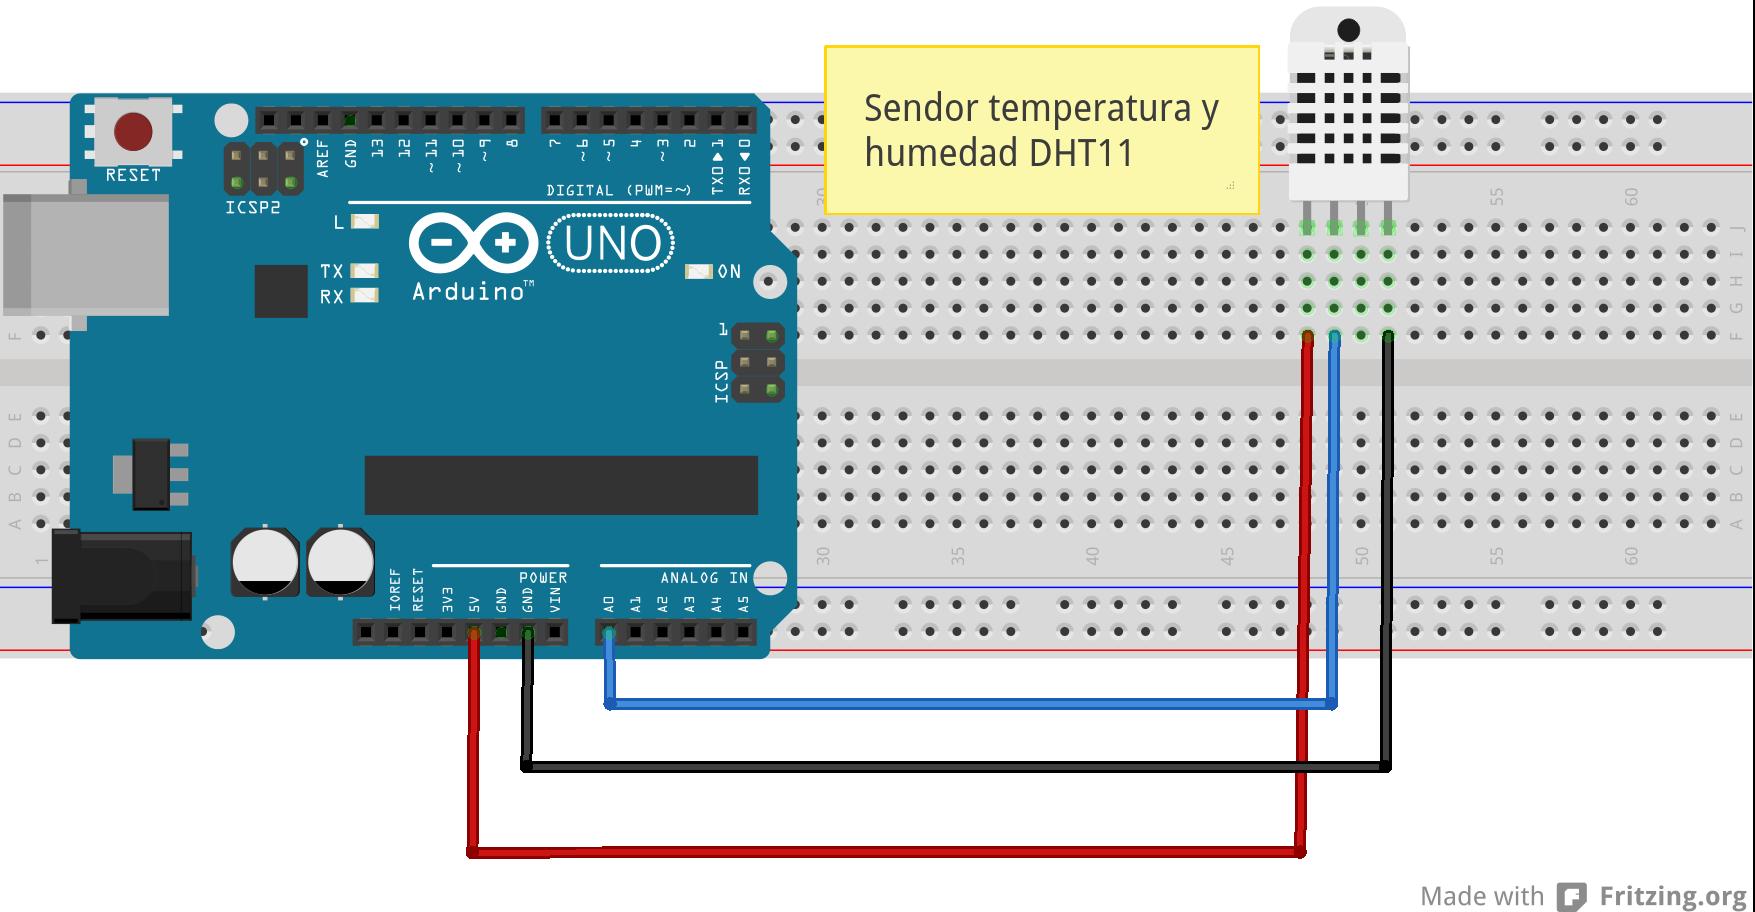 Tag/sensor